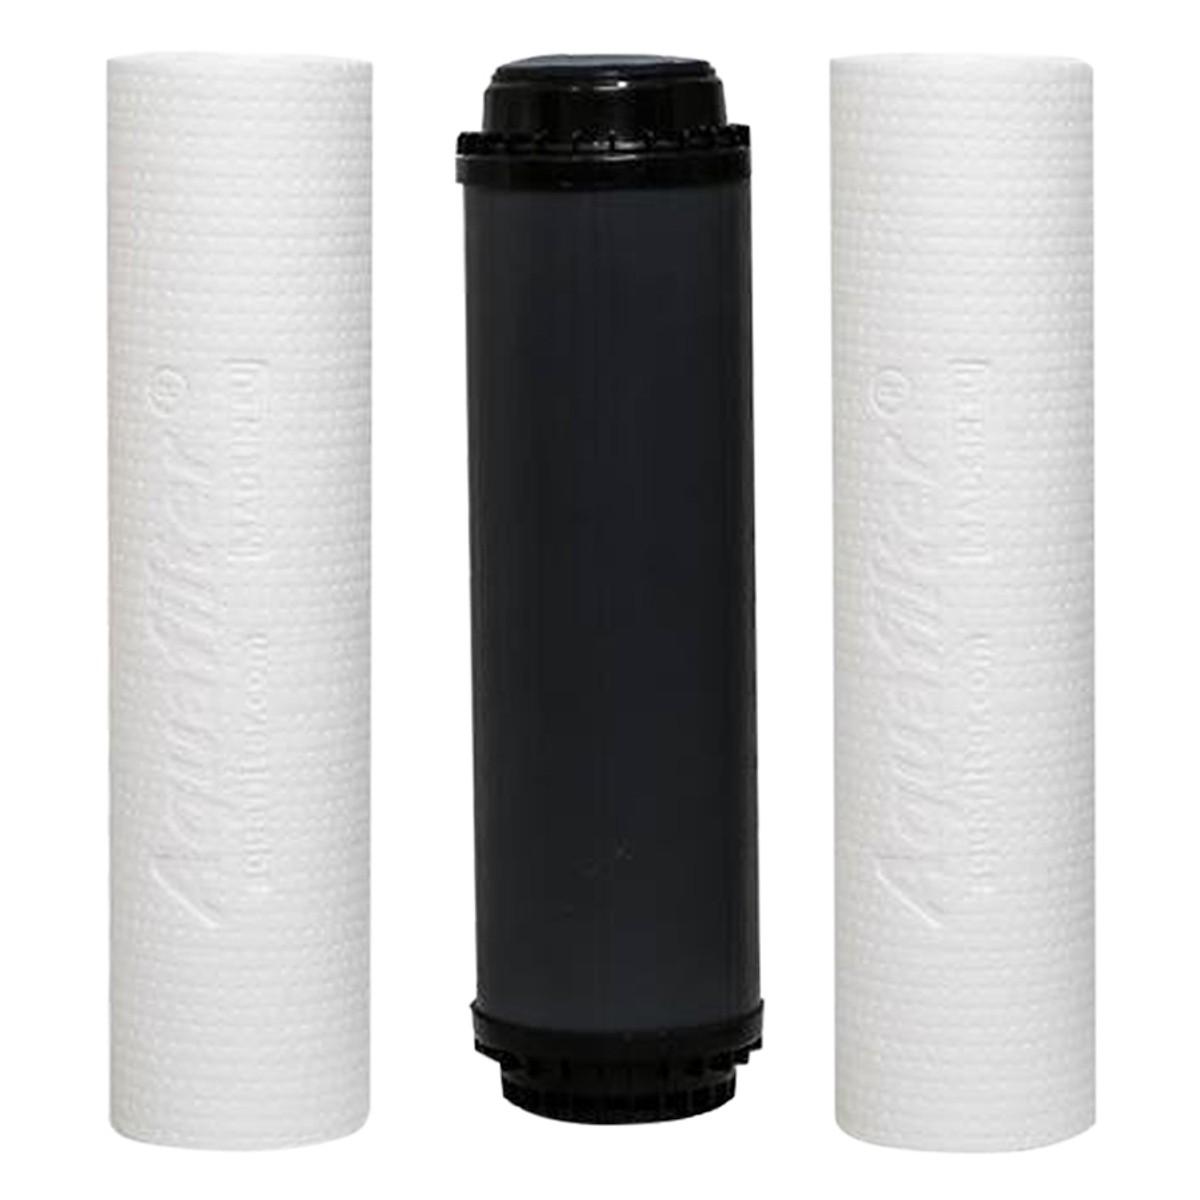 Bộ Lõi Lọc Cấp 1,2,3 Máy Lọc Nước RO Aquafilter .